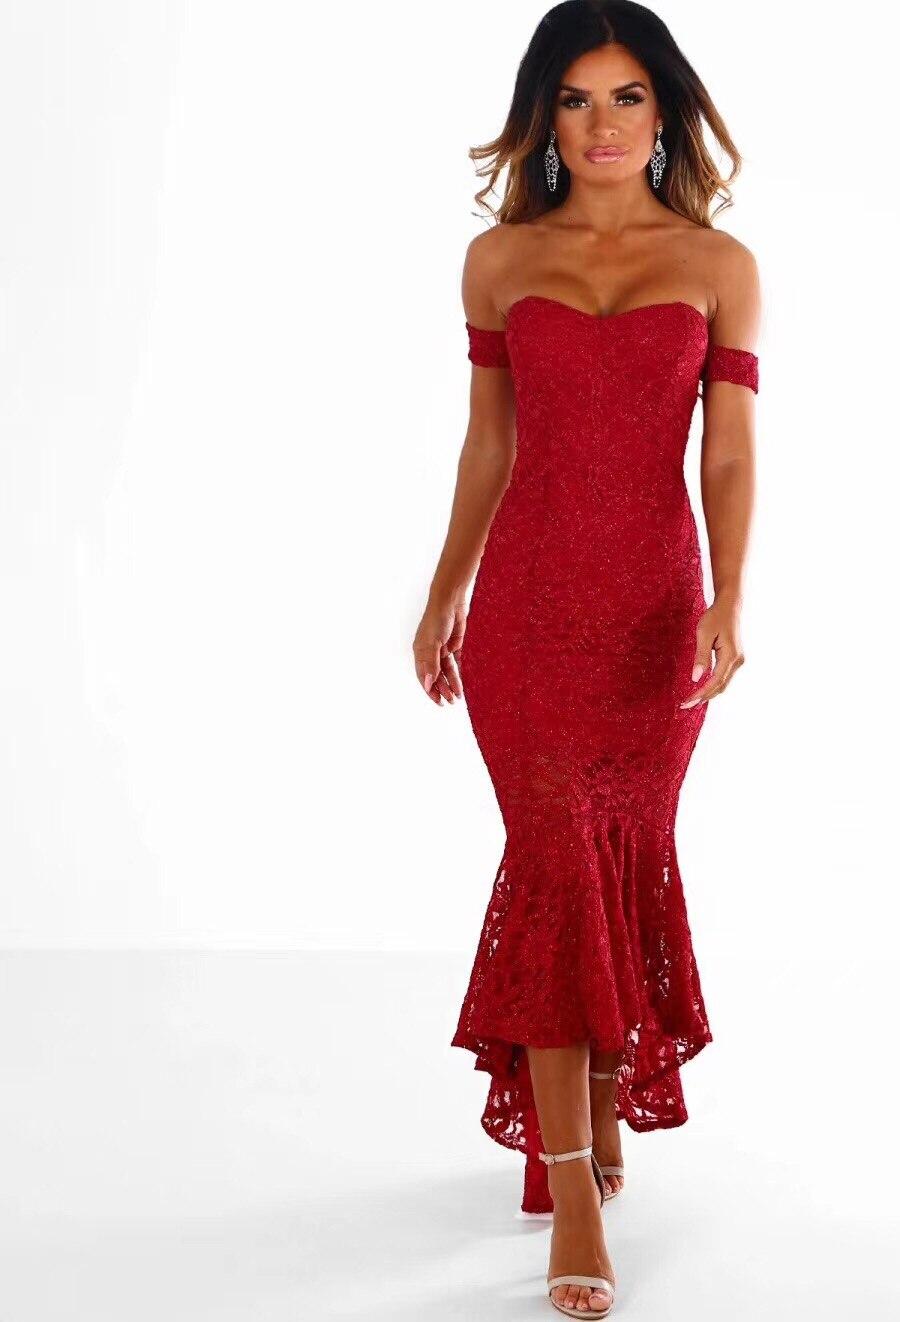 Épaule Off Beige 2018 rouge Robes Robe Dentelle Femmes Tricoté 3 Couleurs Bandage Sexy noir Élastique Parti 8qOngxptI